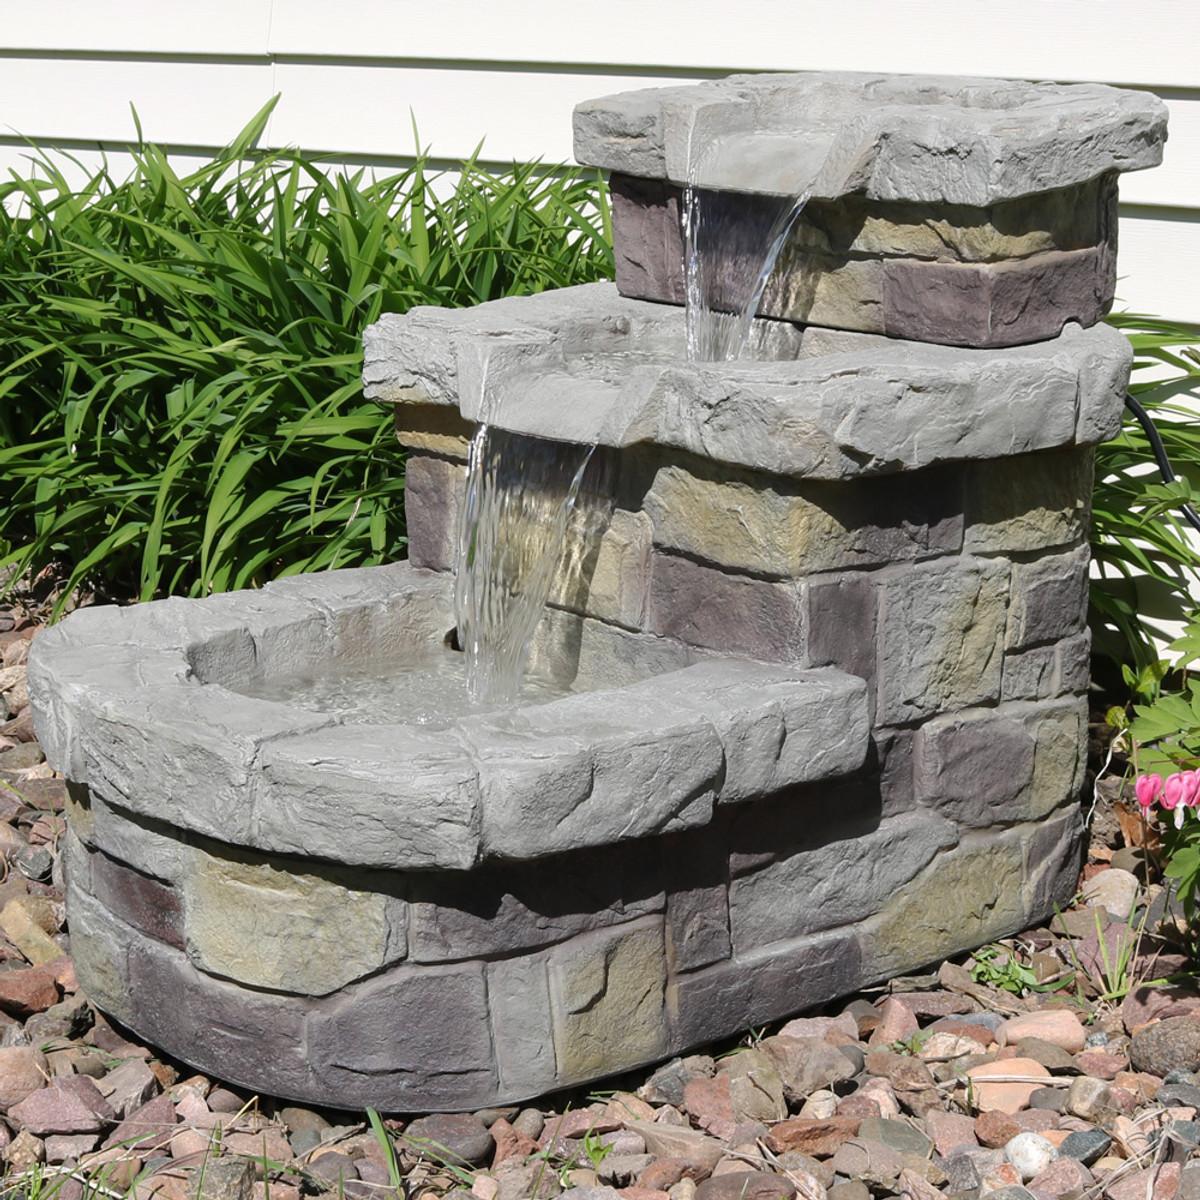 Sunnydaze 3-Tier Brick Steps Outdoor Water Fountain, 21 Inch